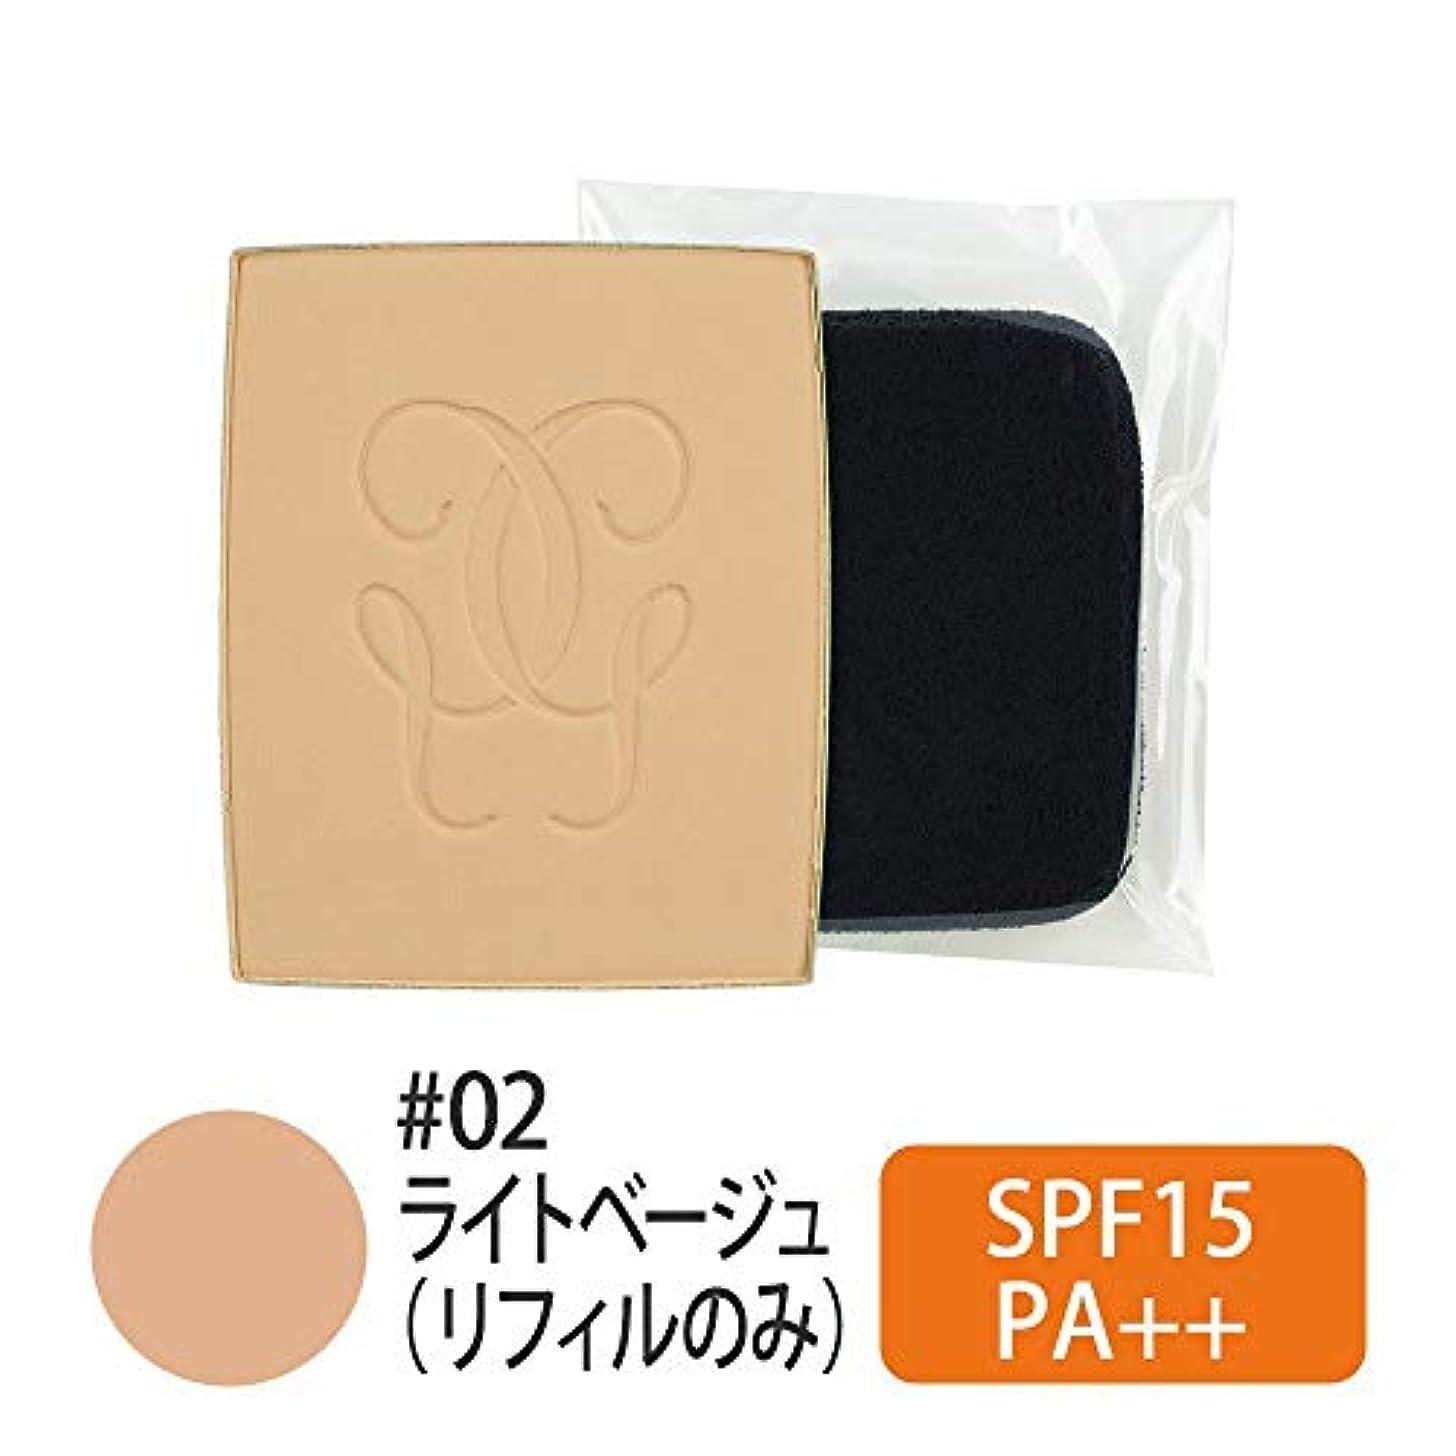 第四色リールゲラン(Guerlain) 【リフィルのみ】パリュール ゴールド コンパクト SPF15/PA++ #02(ライトベージュ) [並行輸入品]